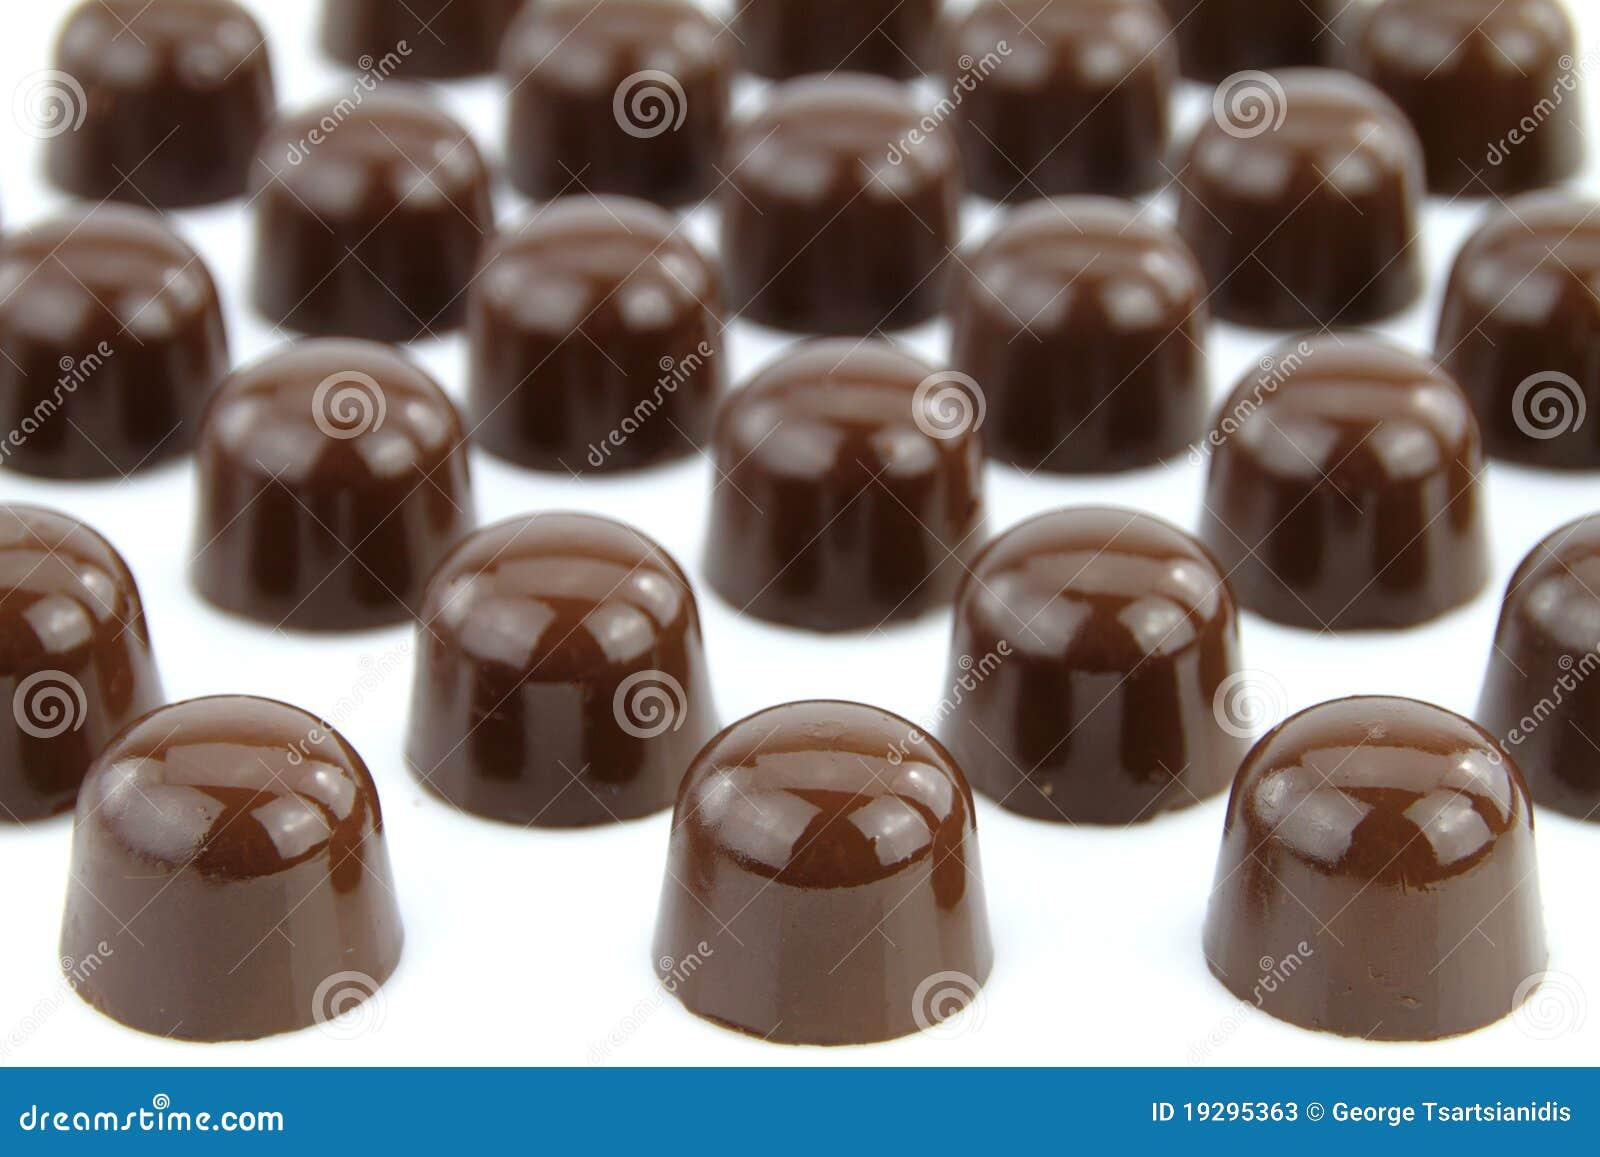 Gourmet Chocolates Stock Photos - Image: 19295363